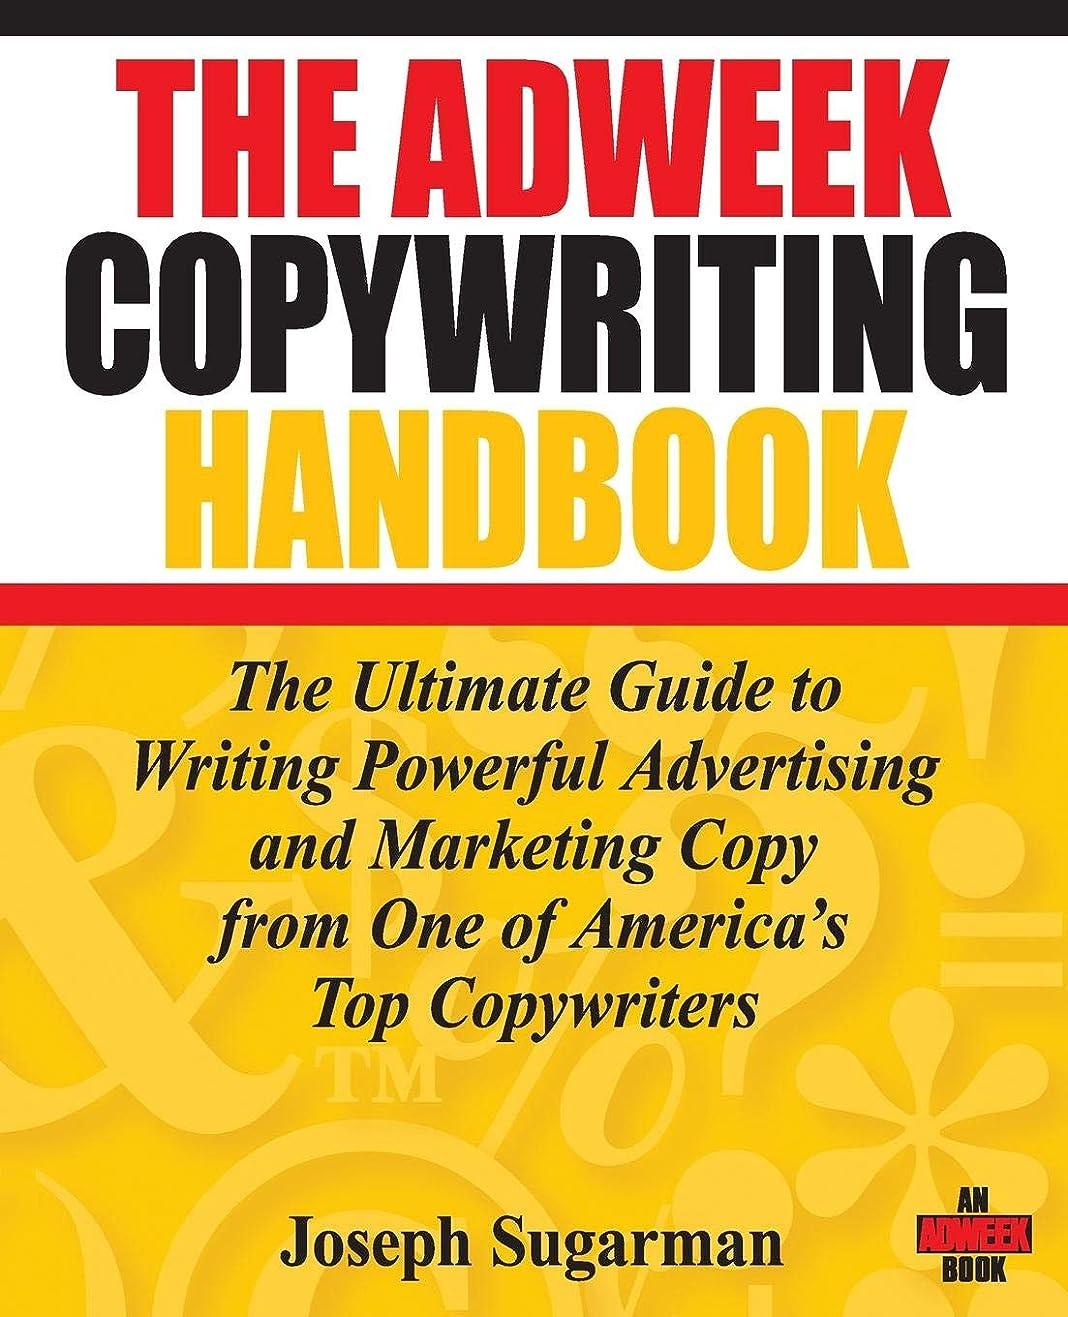 励起治す起訴するThe Adweek Copywriting Handbook: The Ultimate Guide to Writing Powerful Advertising and Marketing Copy from One of America's Top Copywriters